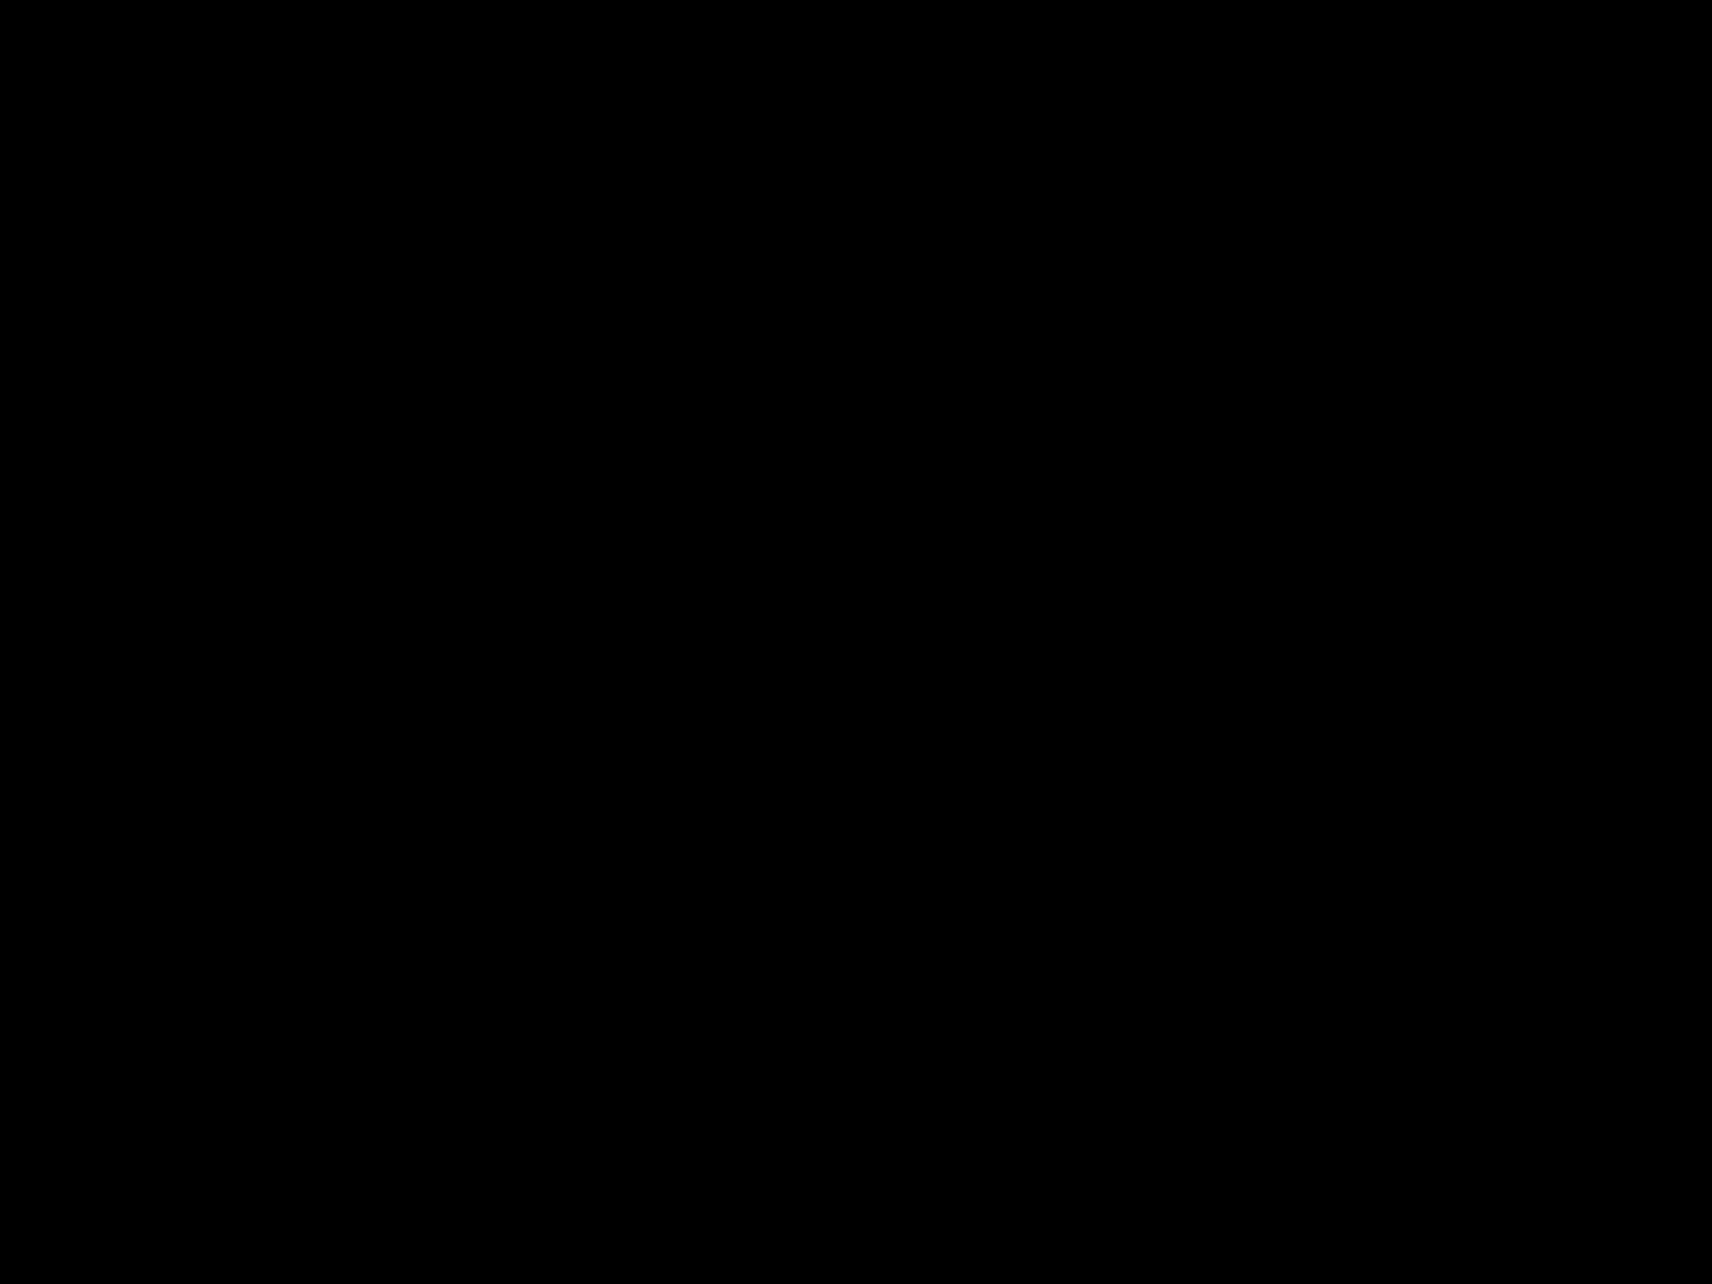 44276_04.jpg